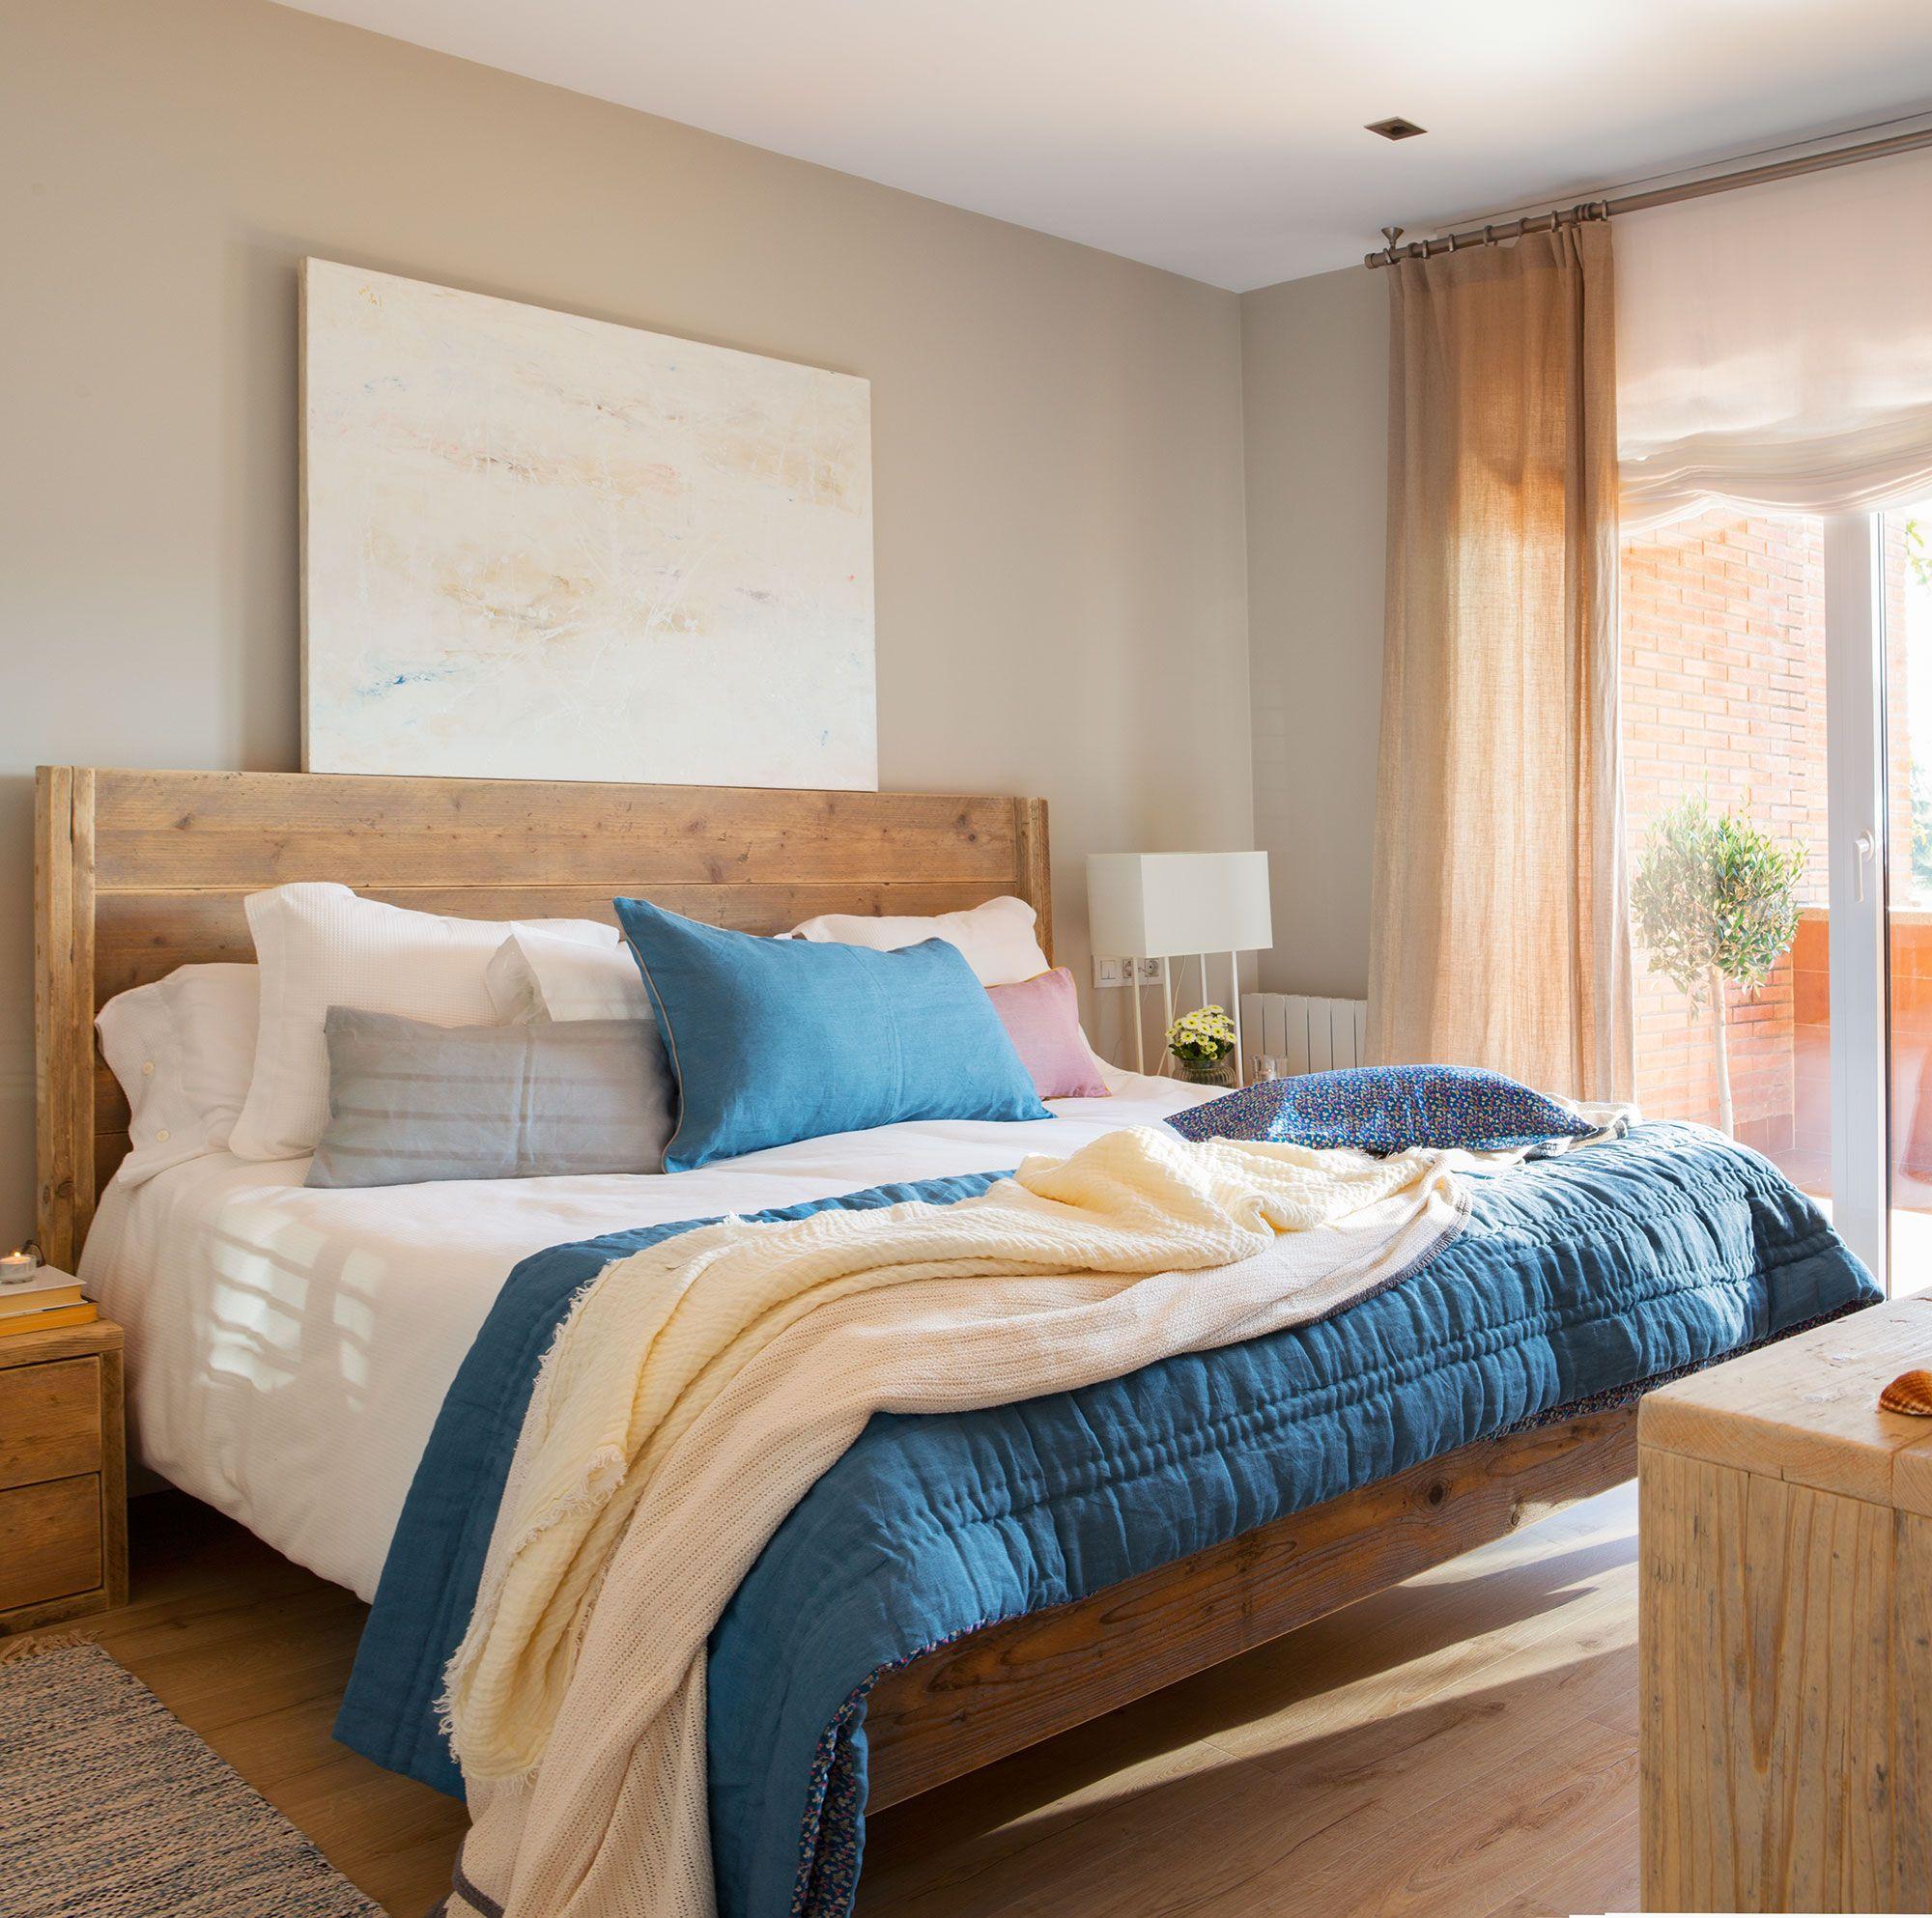 En la cama Cama de madera reciclada de Sacum. Edredón azul y ...